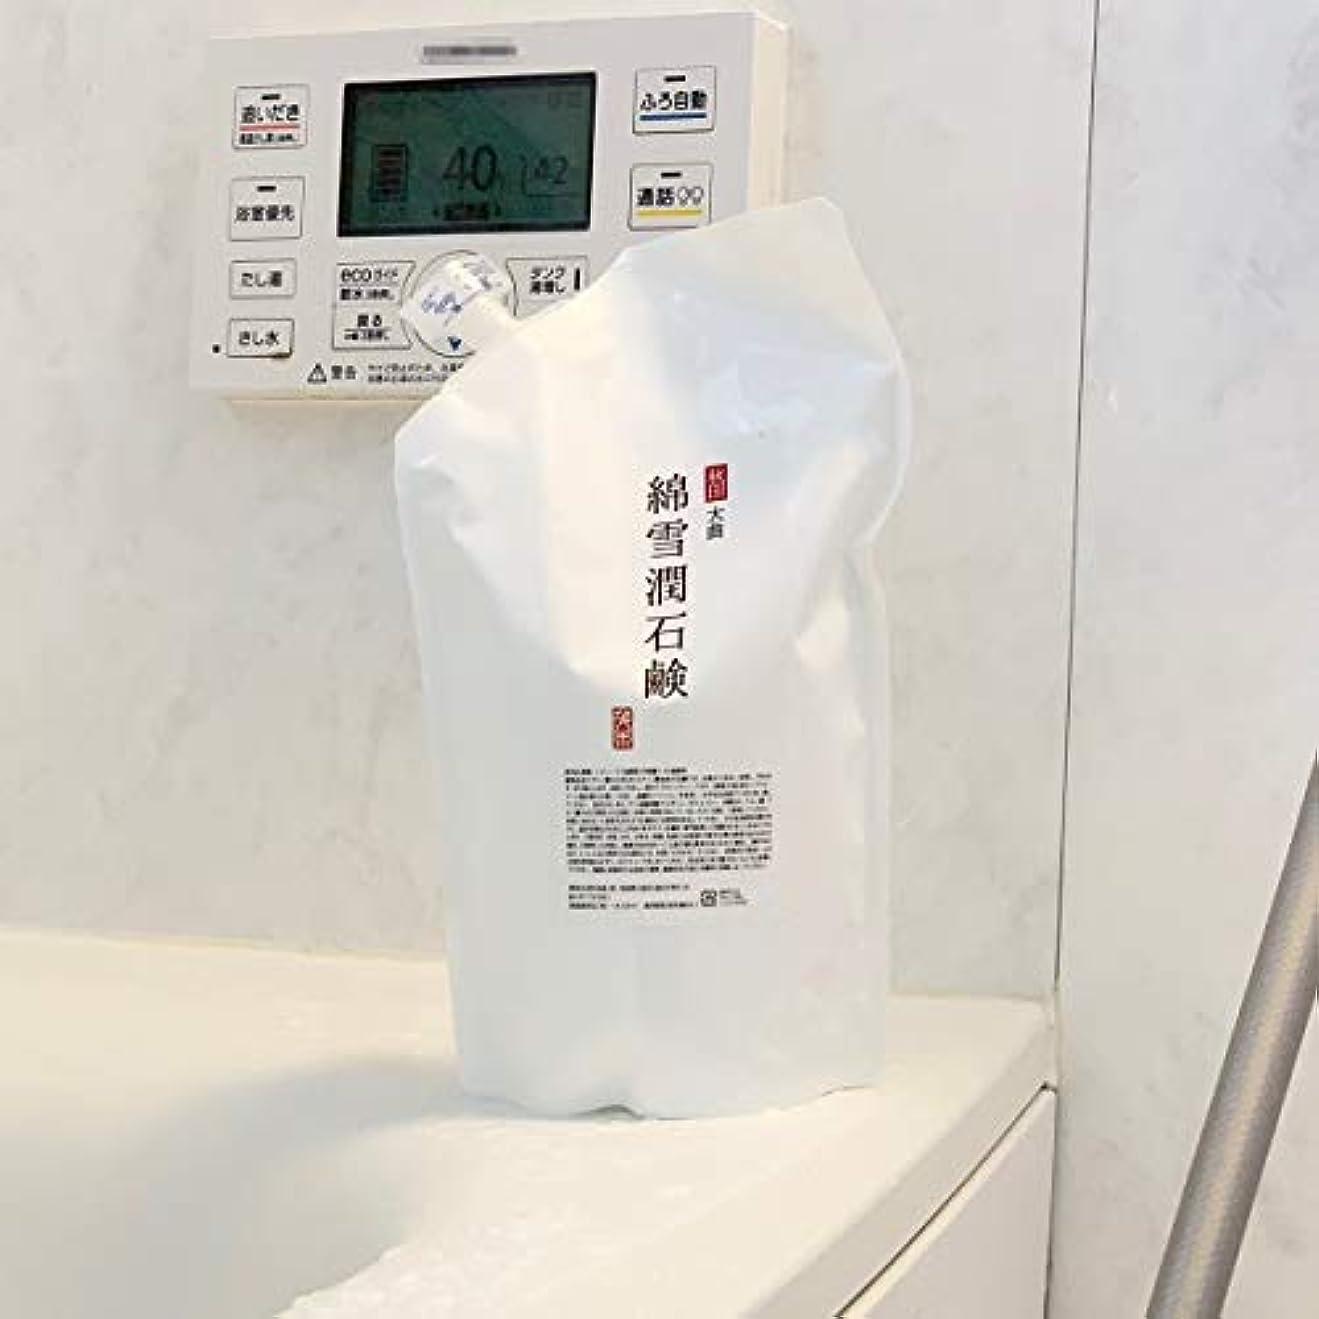 レパートリークロールペア綿雪潤石鹸 700mL 2個セット